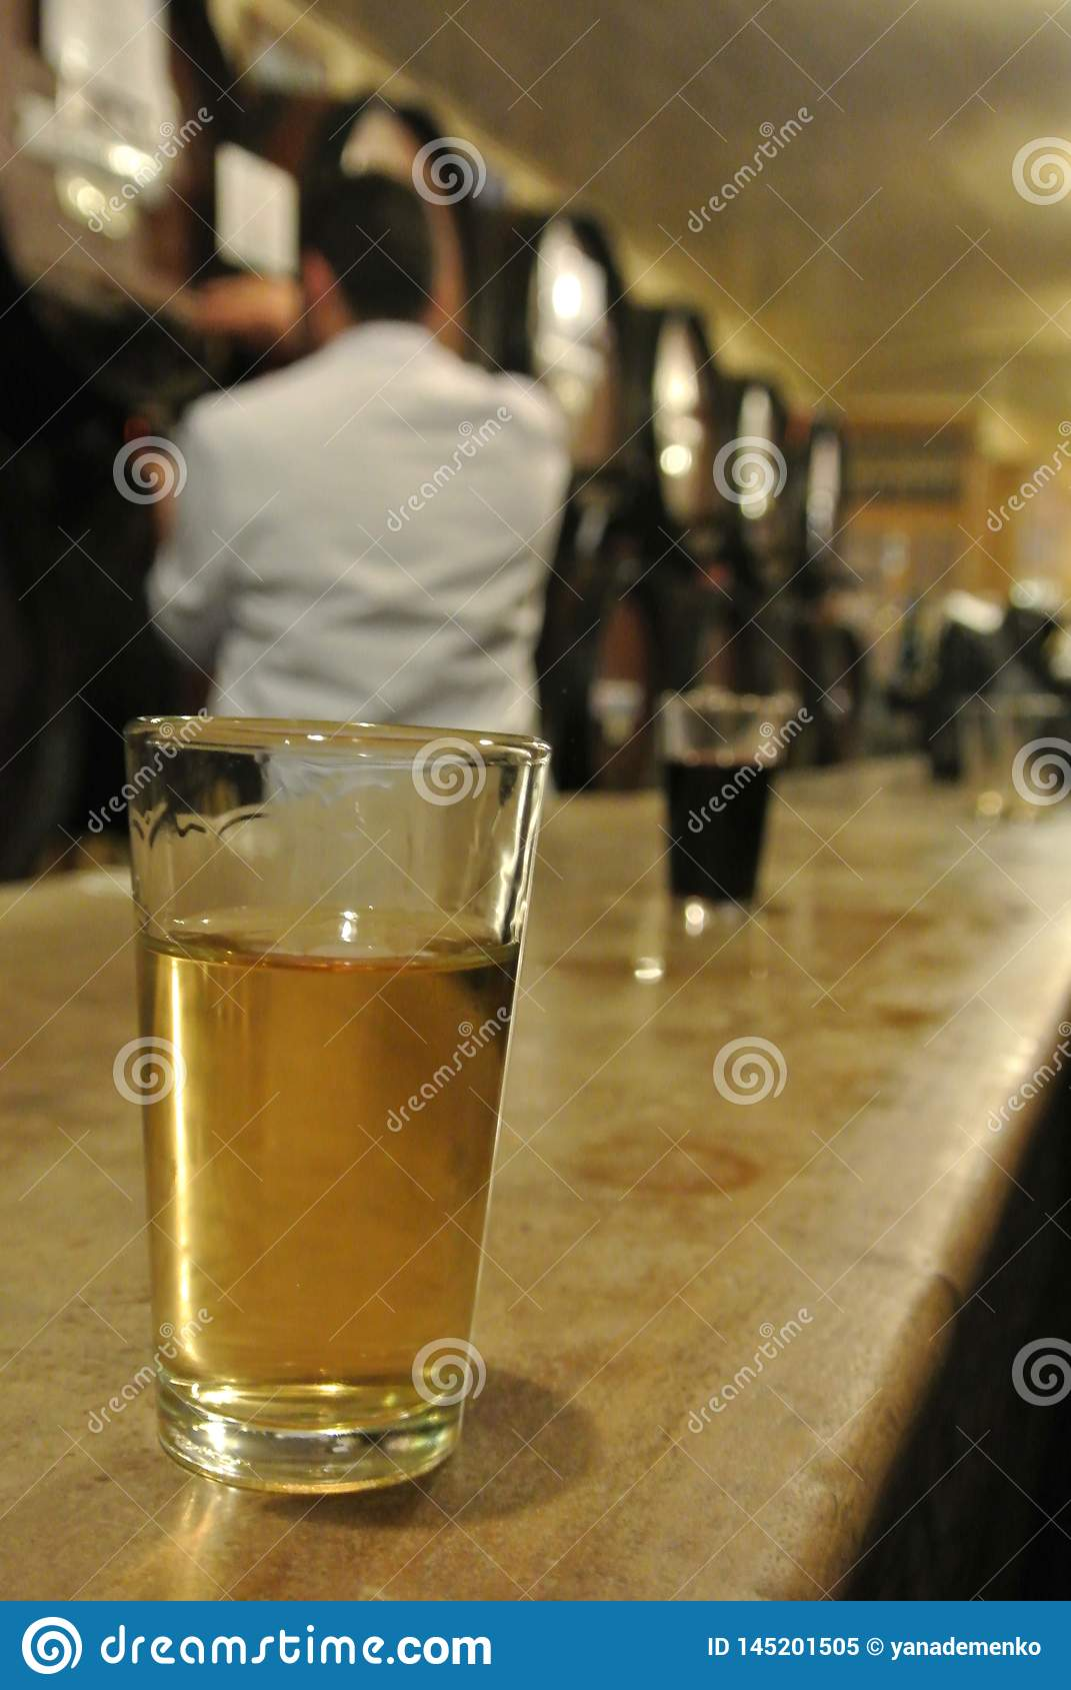 Malaga, Andalusia/Spanje - Maart 2, 2013: Een glas witte dessertwijn in de city's oudste wijnmakerij